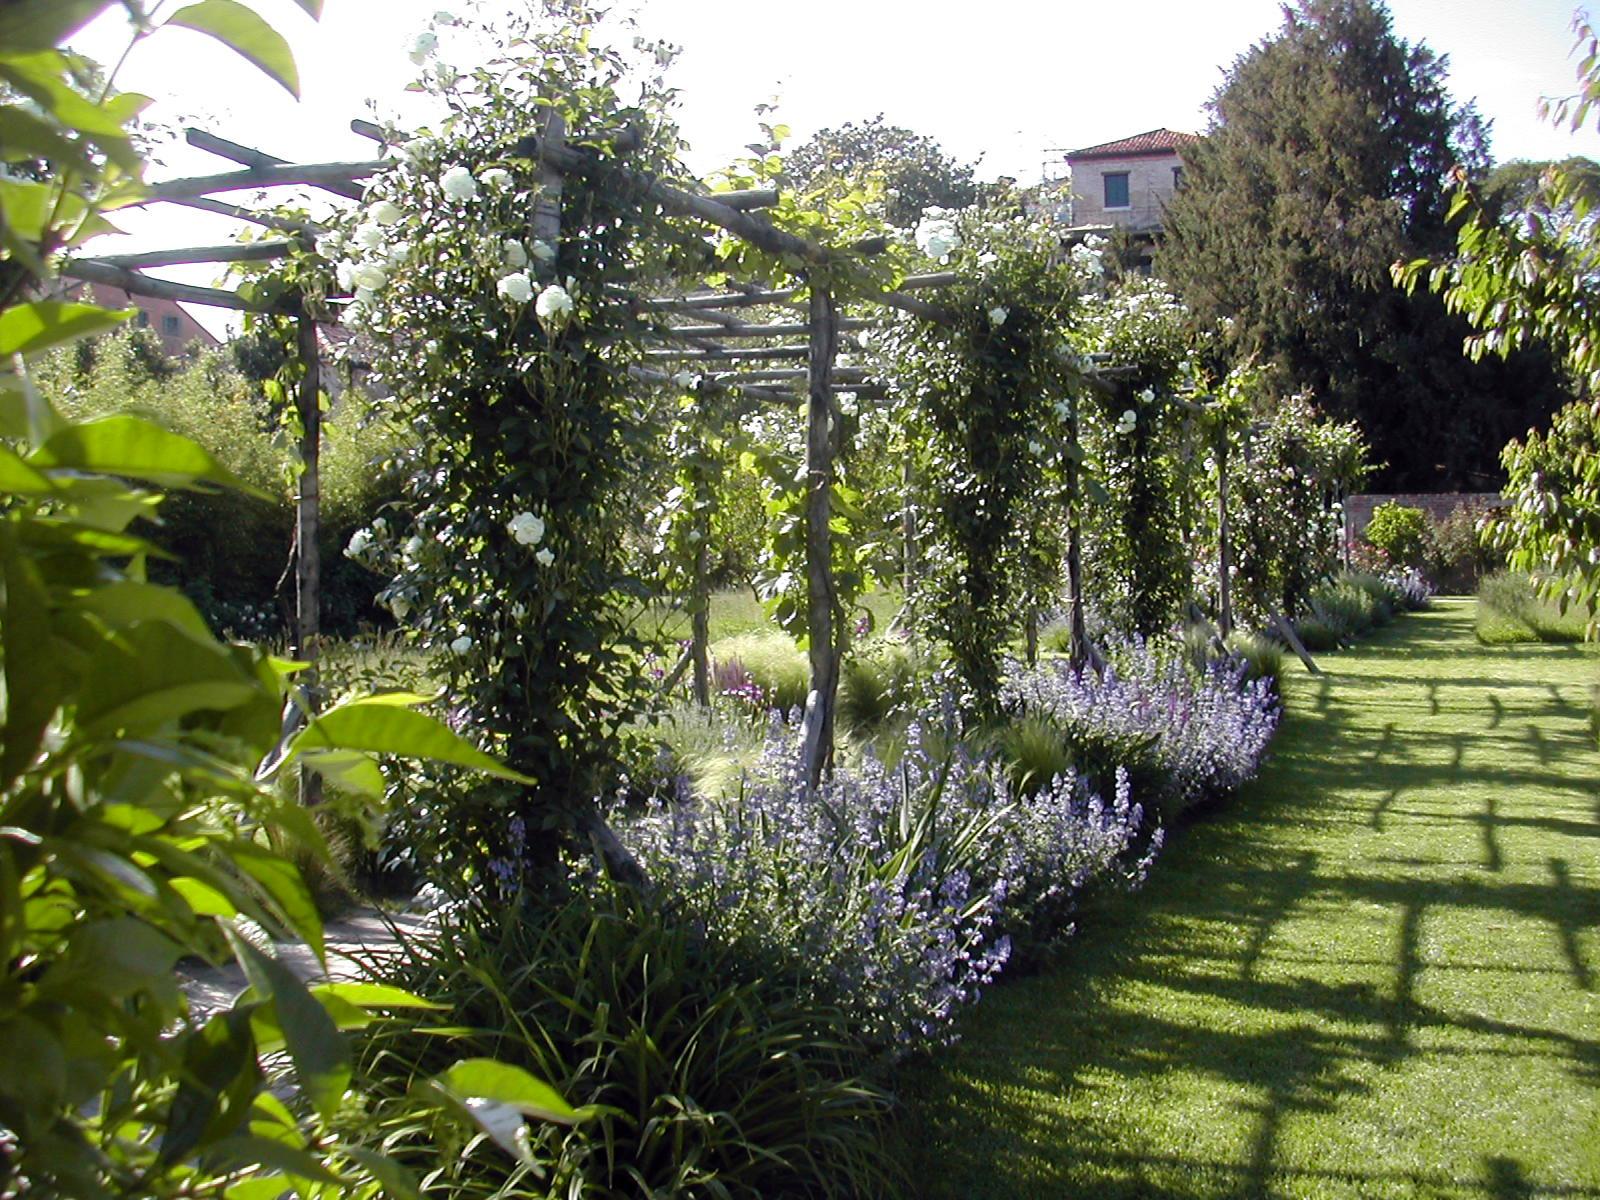 Giardini manutenzioni irrigazioni - Tecnogreen Montebelluna Treviso